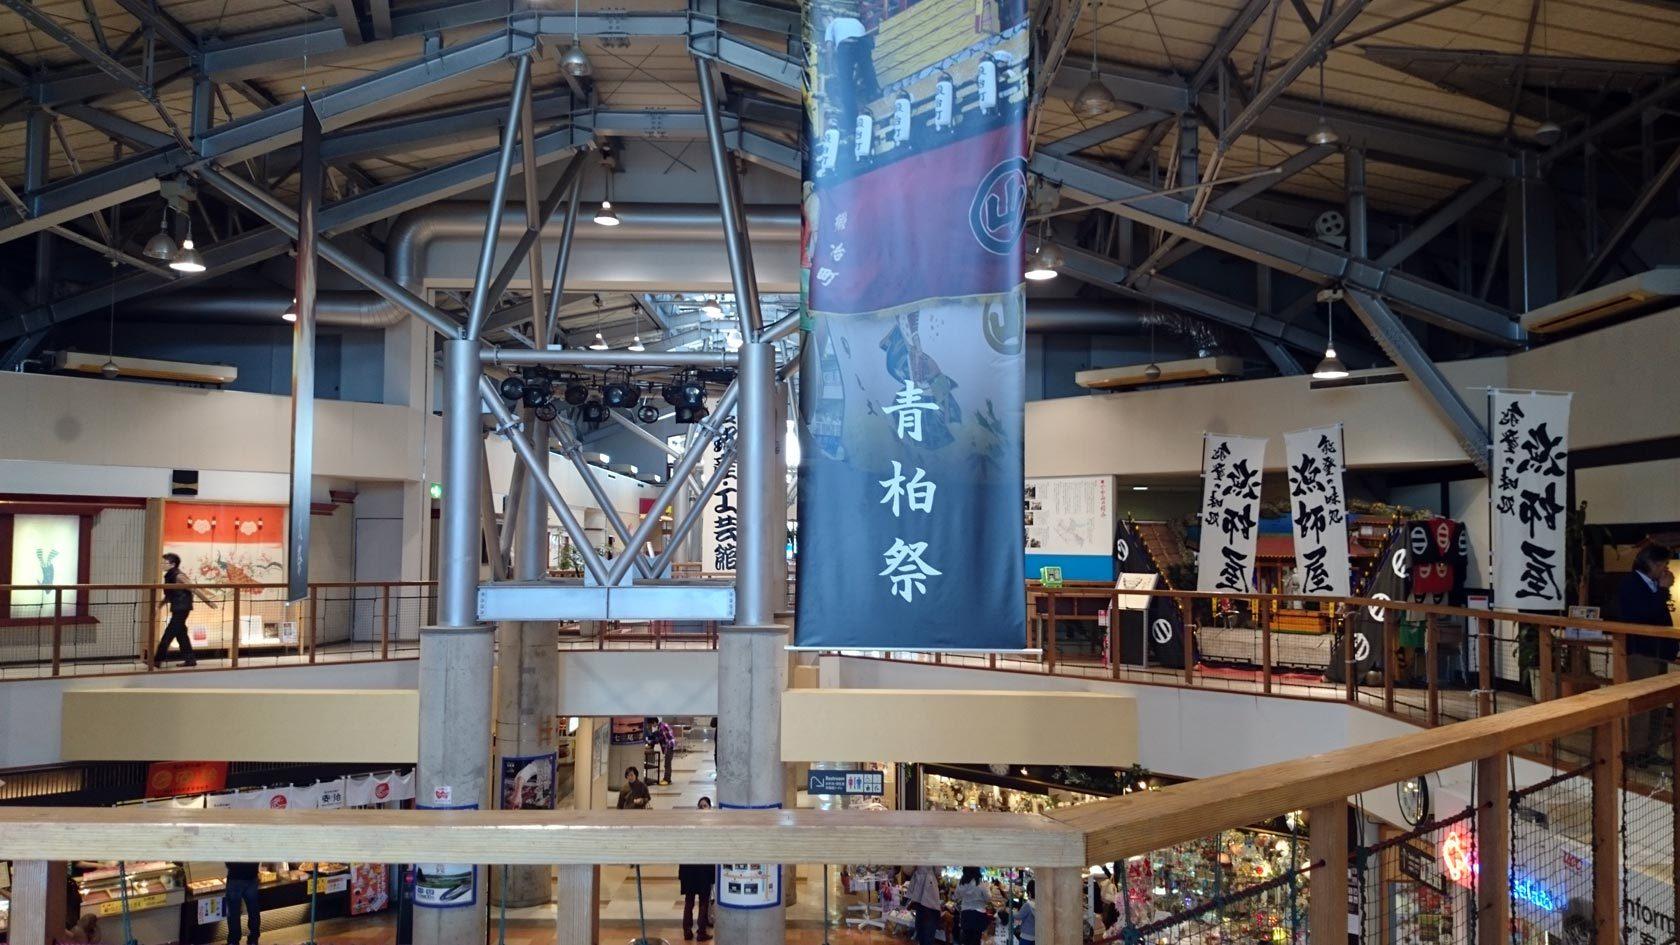 能登の味処 漁師屋【七尾市・能登食祭市場】_c0324784_14330578.jpg